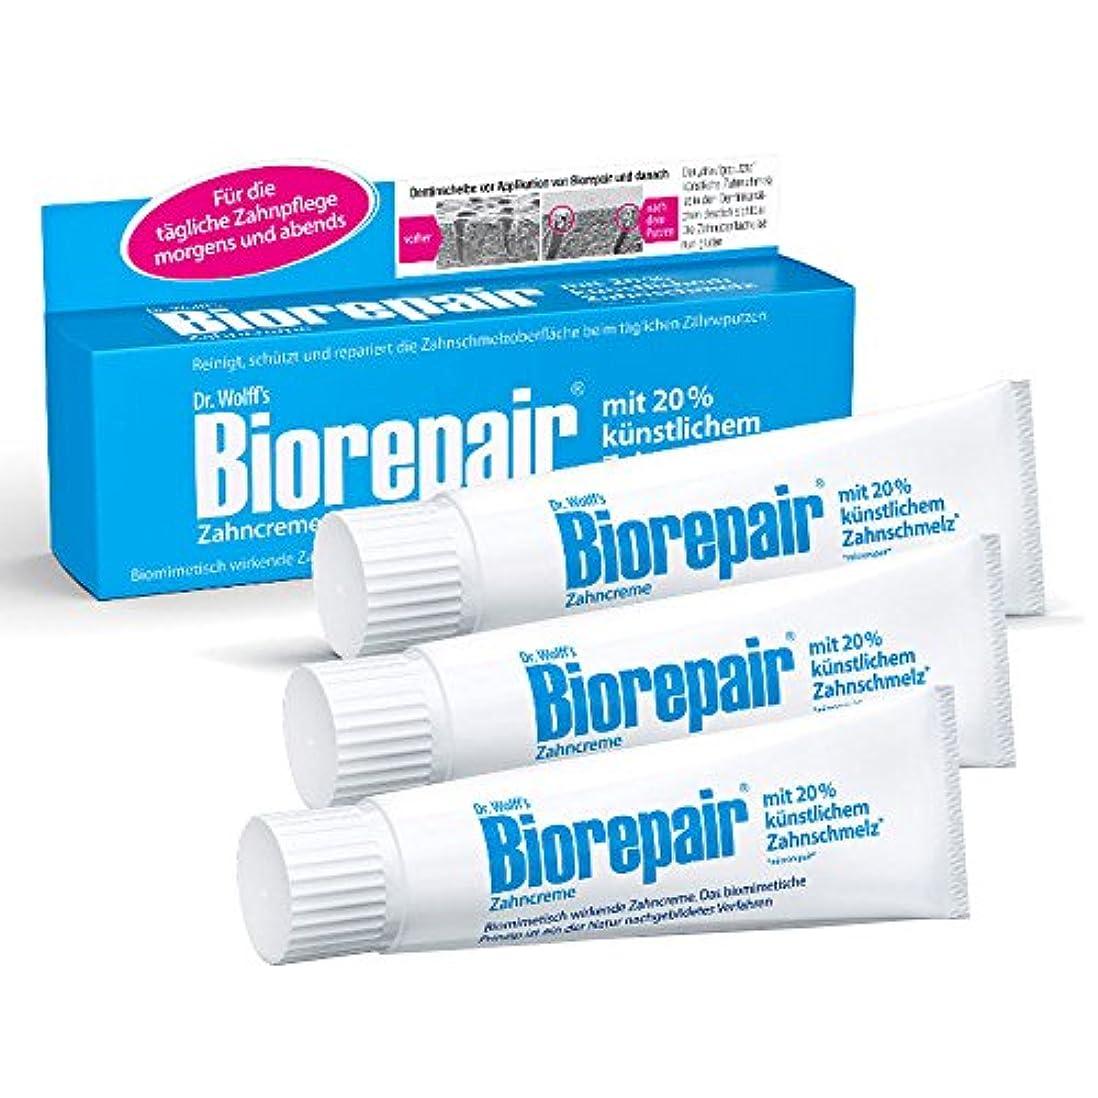 シェルターシャーク鳩Biorepair 歯磨き粉オリジナル、75ml 歯の保護 耐摩耗性 x 3 [並行輸入品]